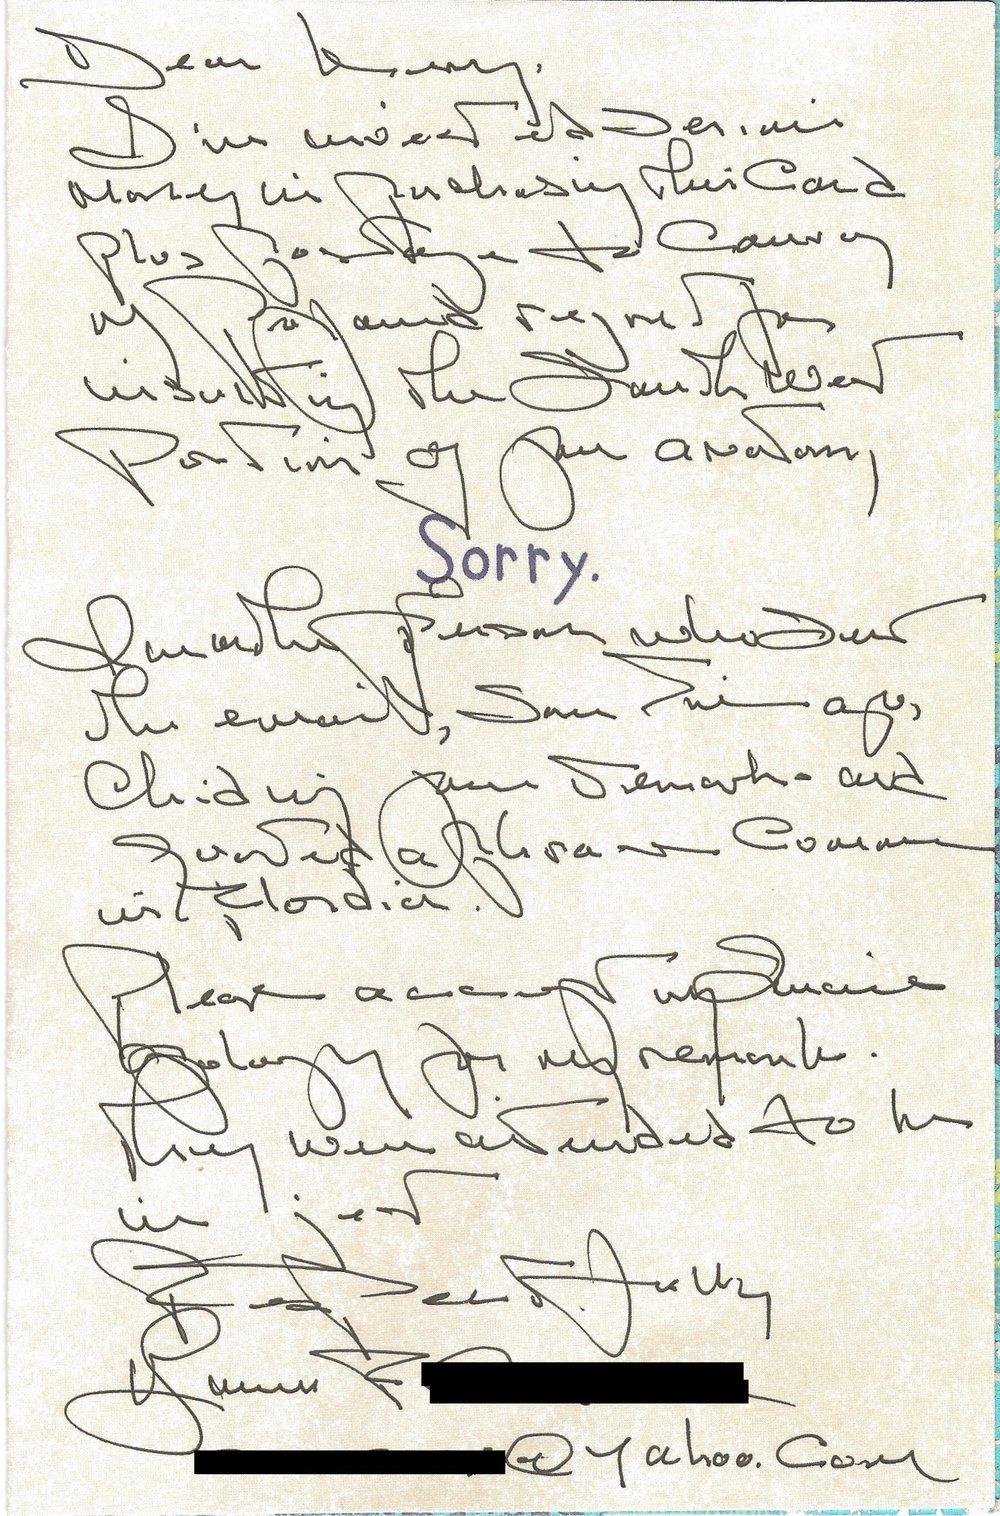 apologyletter